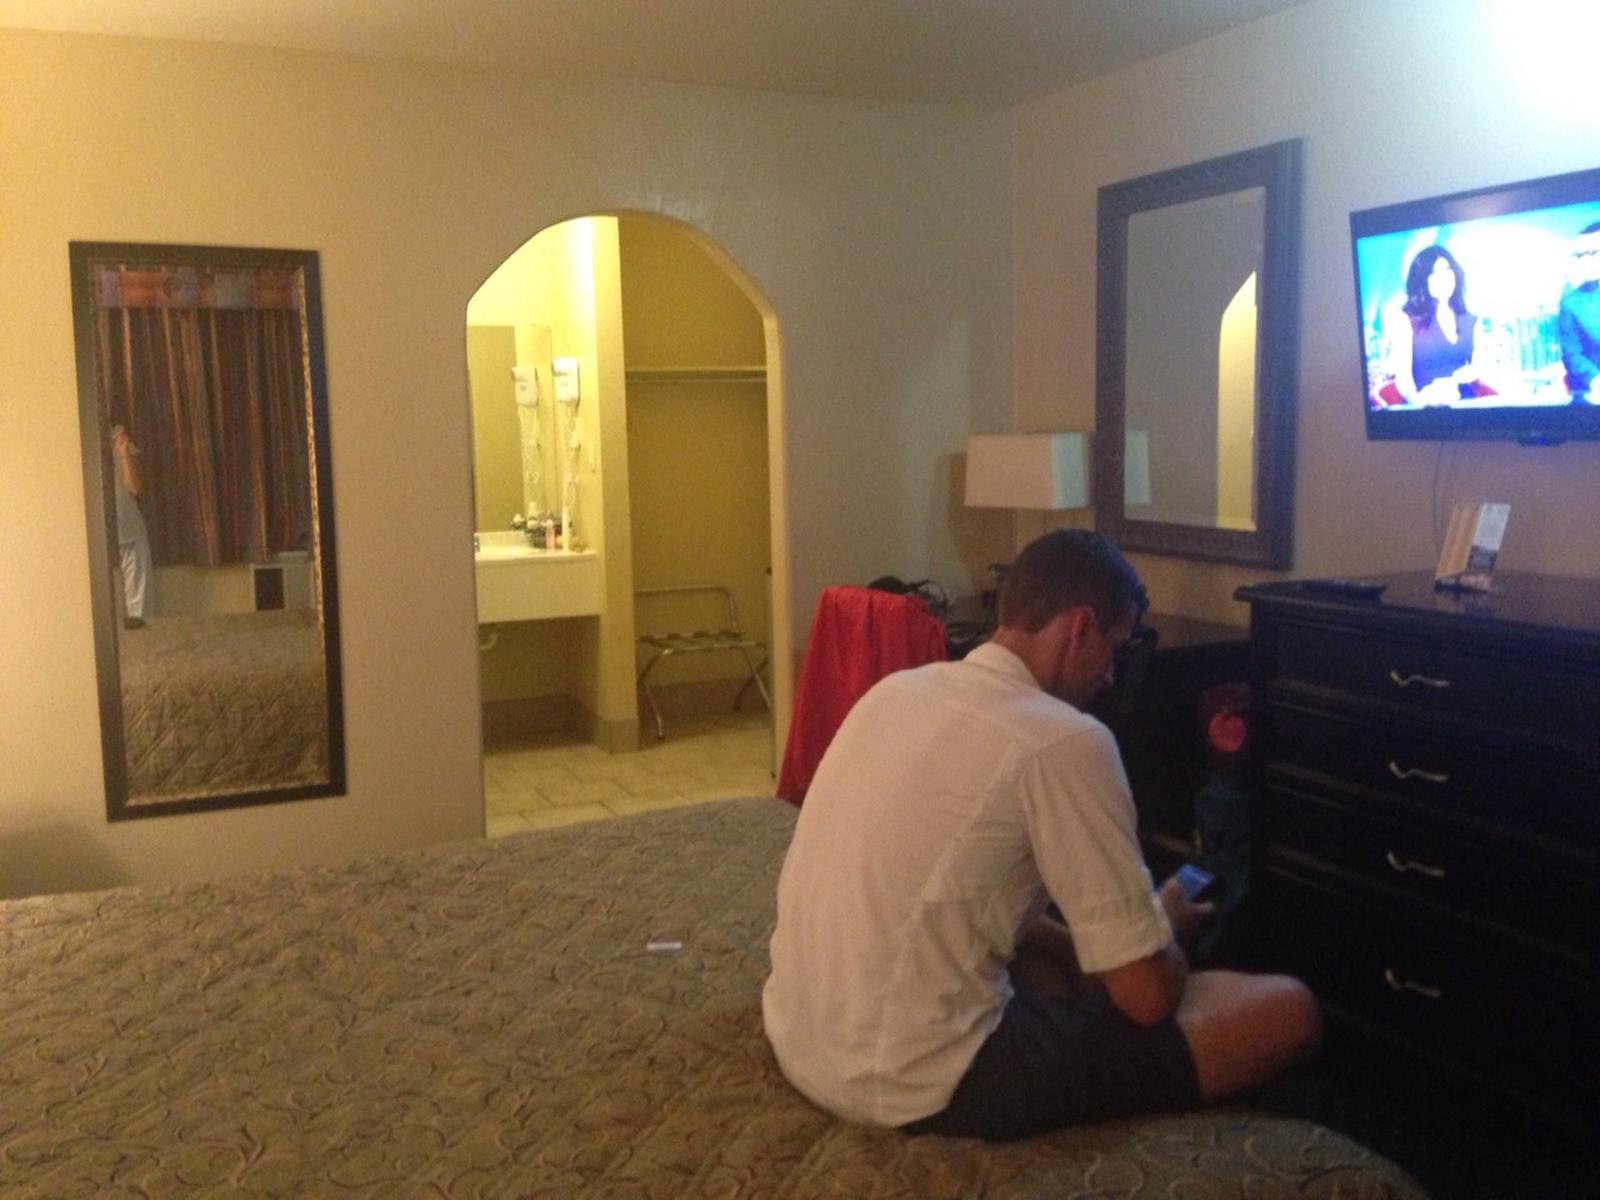 Beim Pizza bestellen in unserem Hotelzimmer